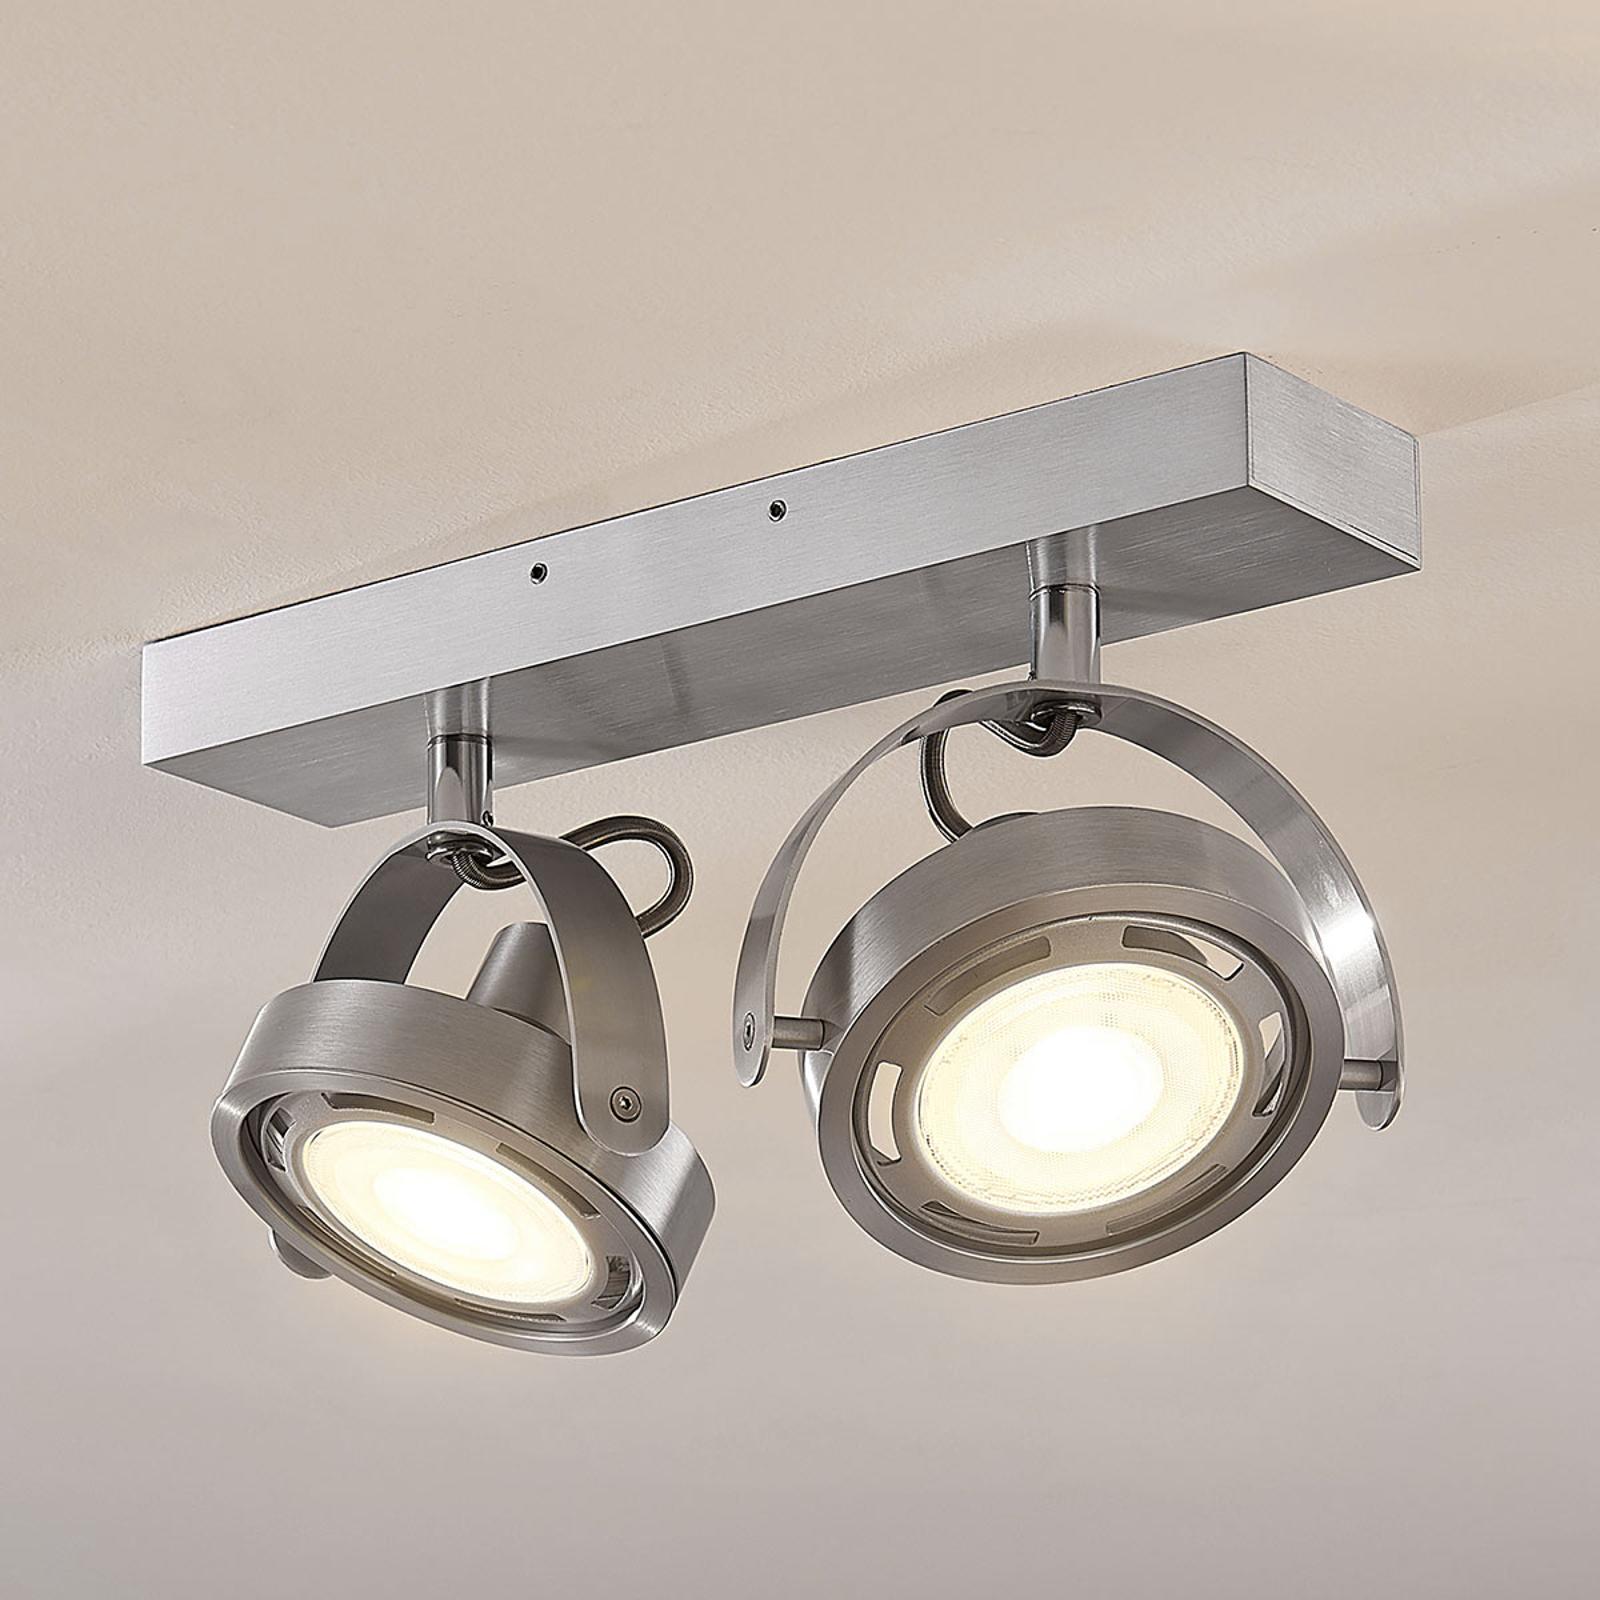 LED spot Munin, dimbaar, aluminium, 2-lamps